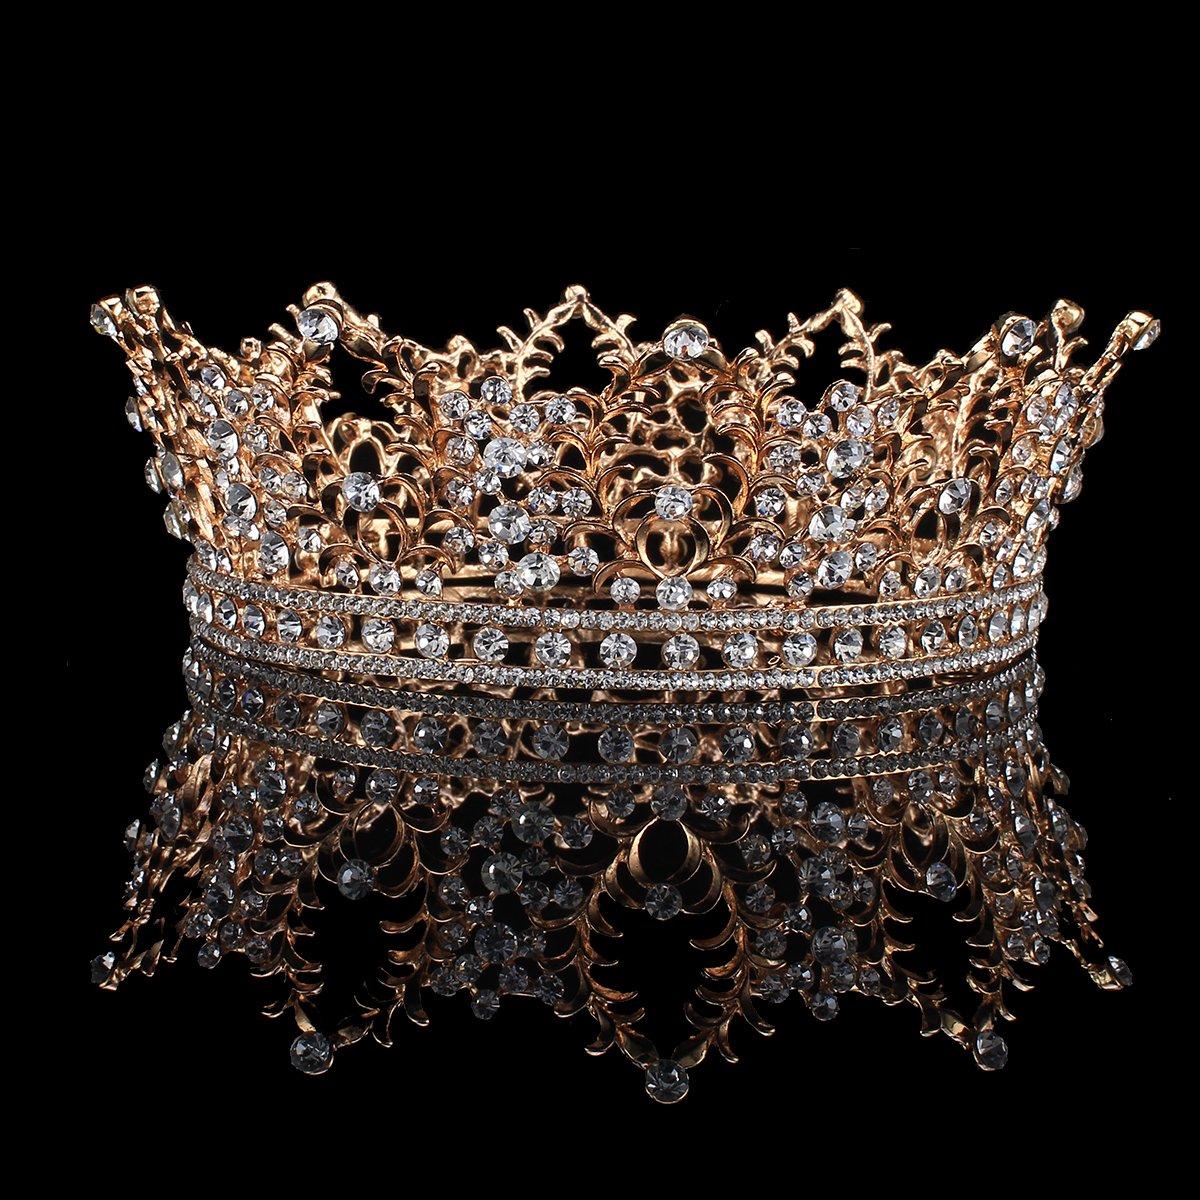 FUMUD Bridal Jewelry Baroque Tiara Crown Women Vintage Headband Rhinestone Crystal Crown (Roes gold) by FUMUD